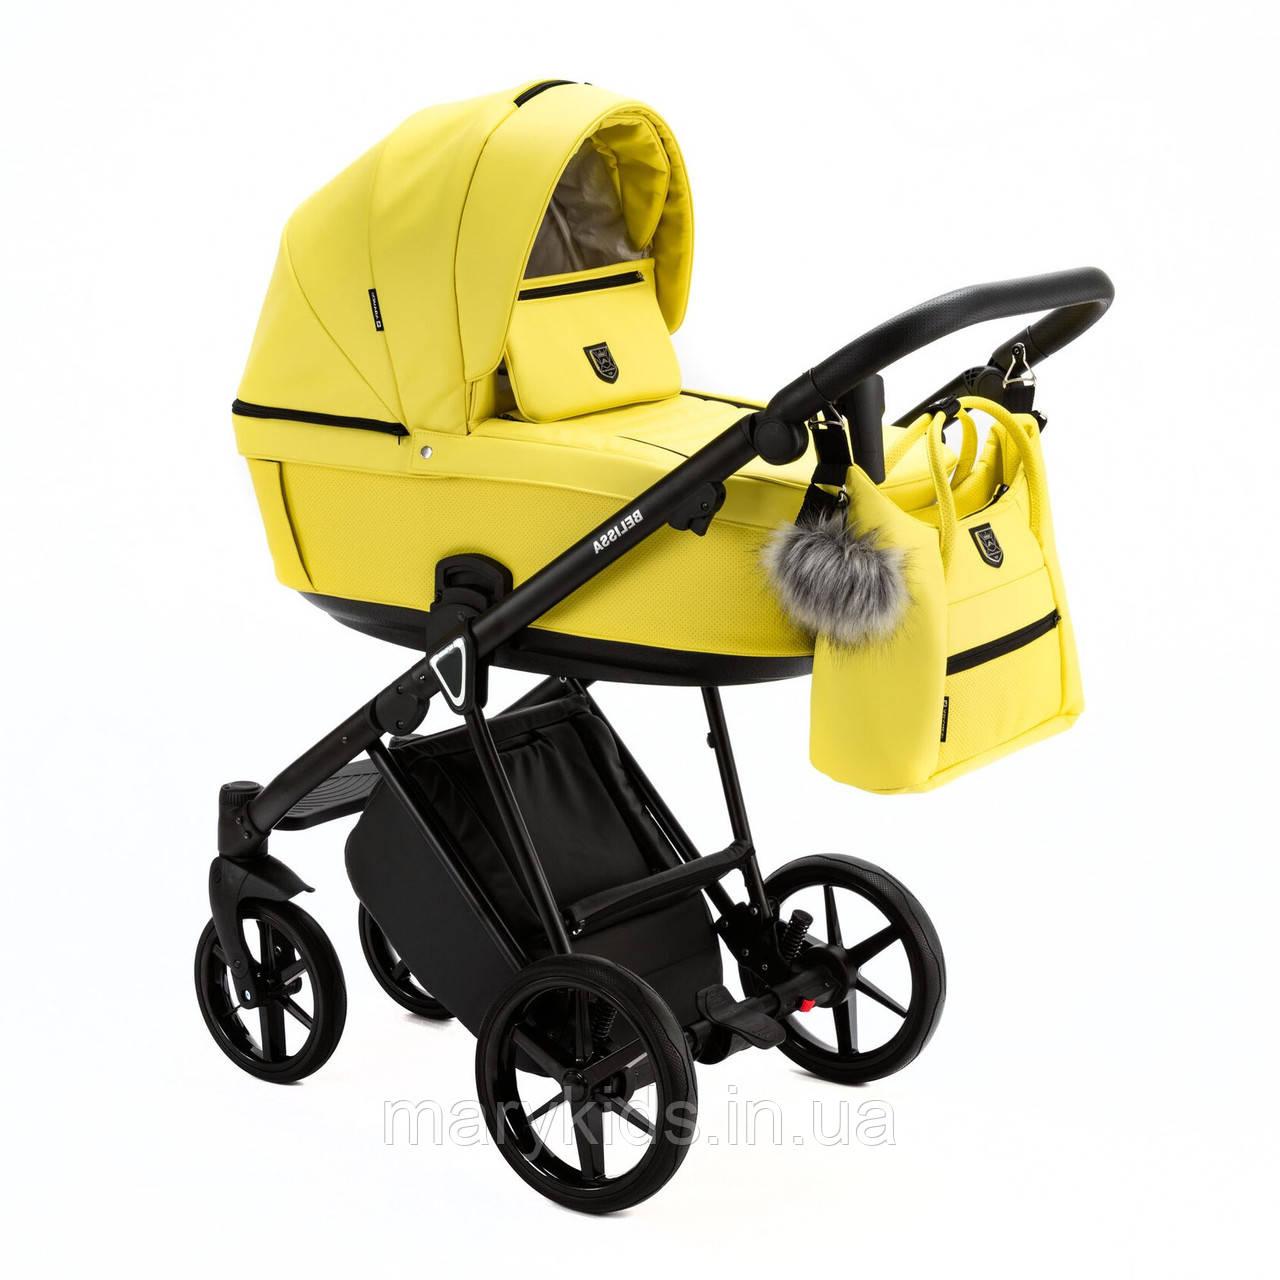 Детская универсальная коляска 2 в 1 Adamex Belissa SA-22